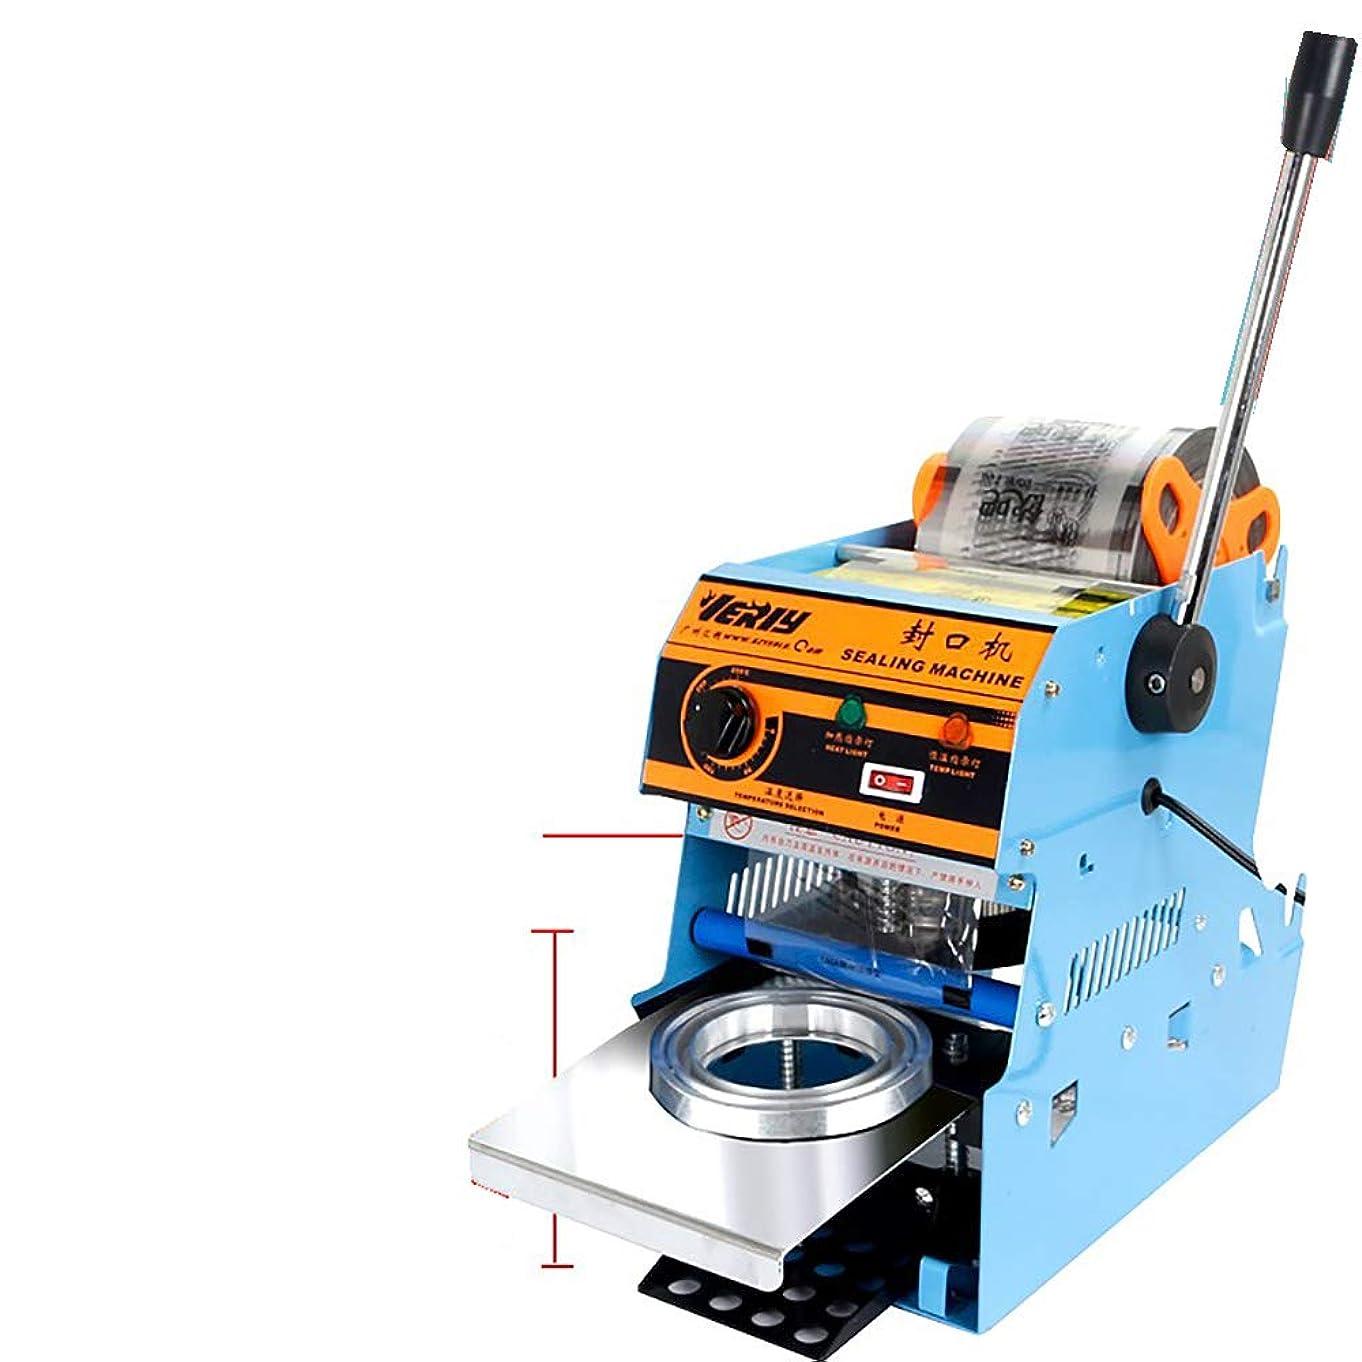 すべて奇跡的なバングラデシュMXBAOHENGカップシール機カップシーラー 口径70/90/95手動カップシール機 デジタル制御 400-600カップ/時 お茶?コーヒー?ジュース タピオカミルクティー豆乳 など業務用806A110V青い